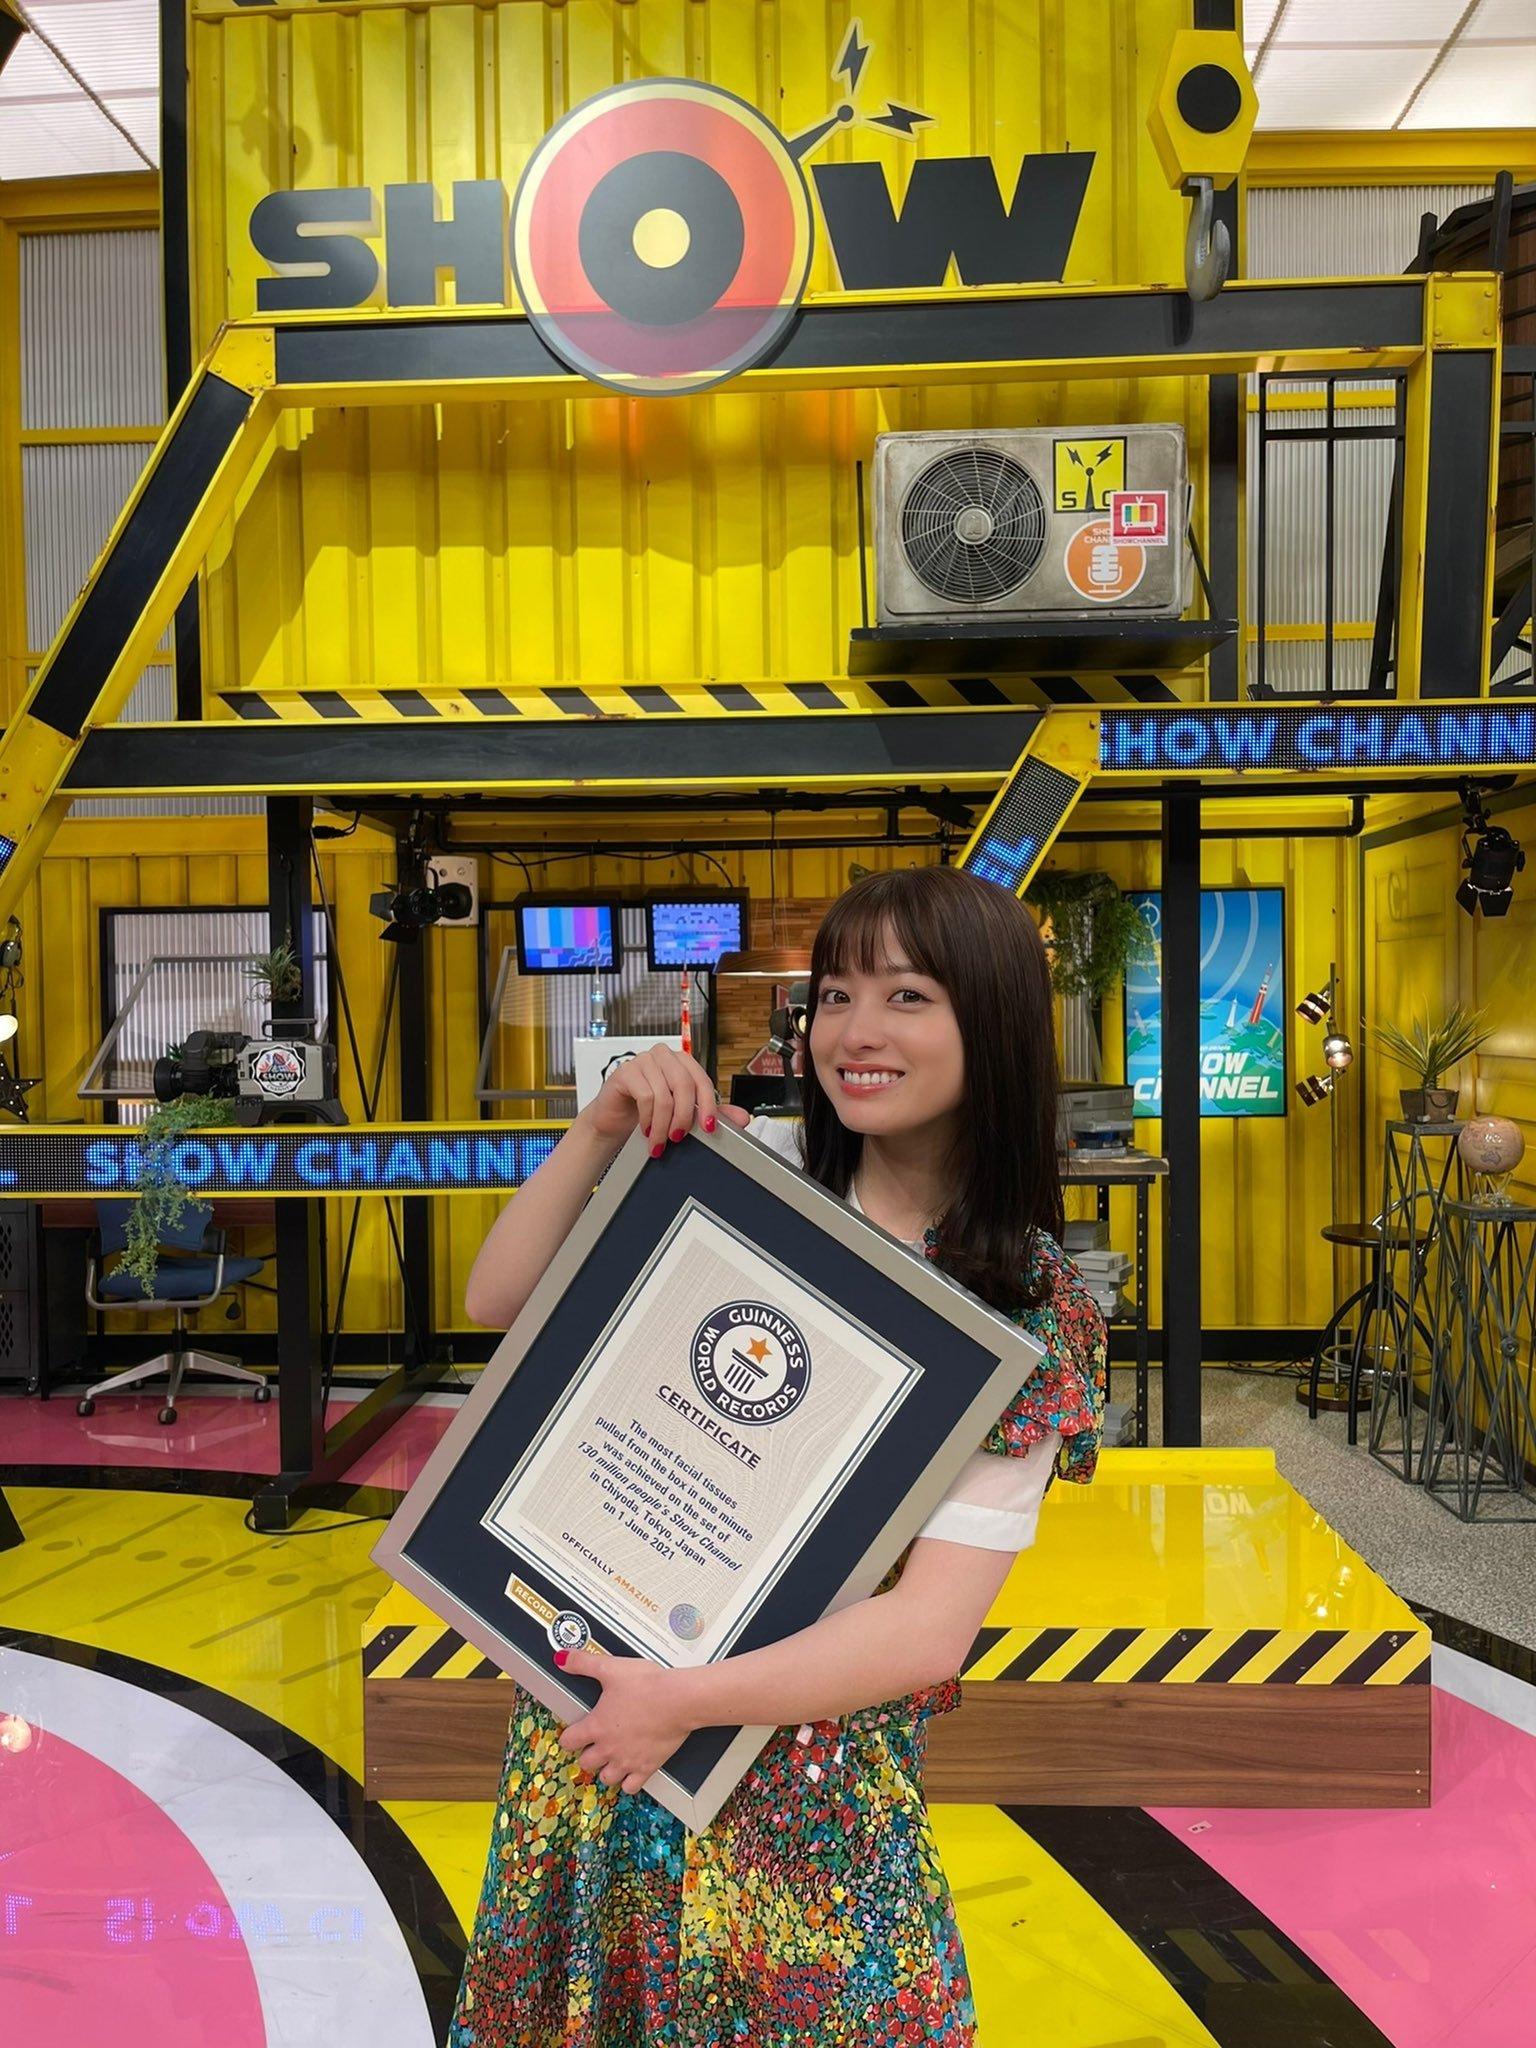 桥本环奈突破吉尼斯世界纪录成为抽纸手速最快的可爱天使 (9)